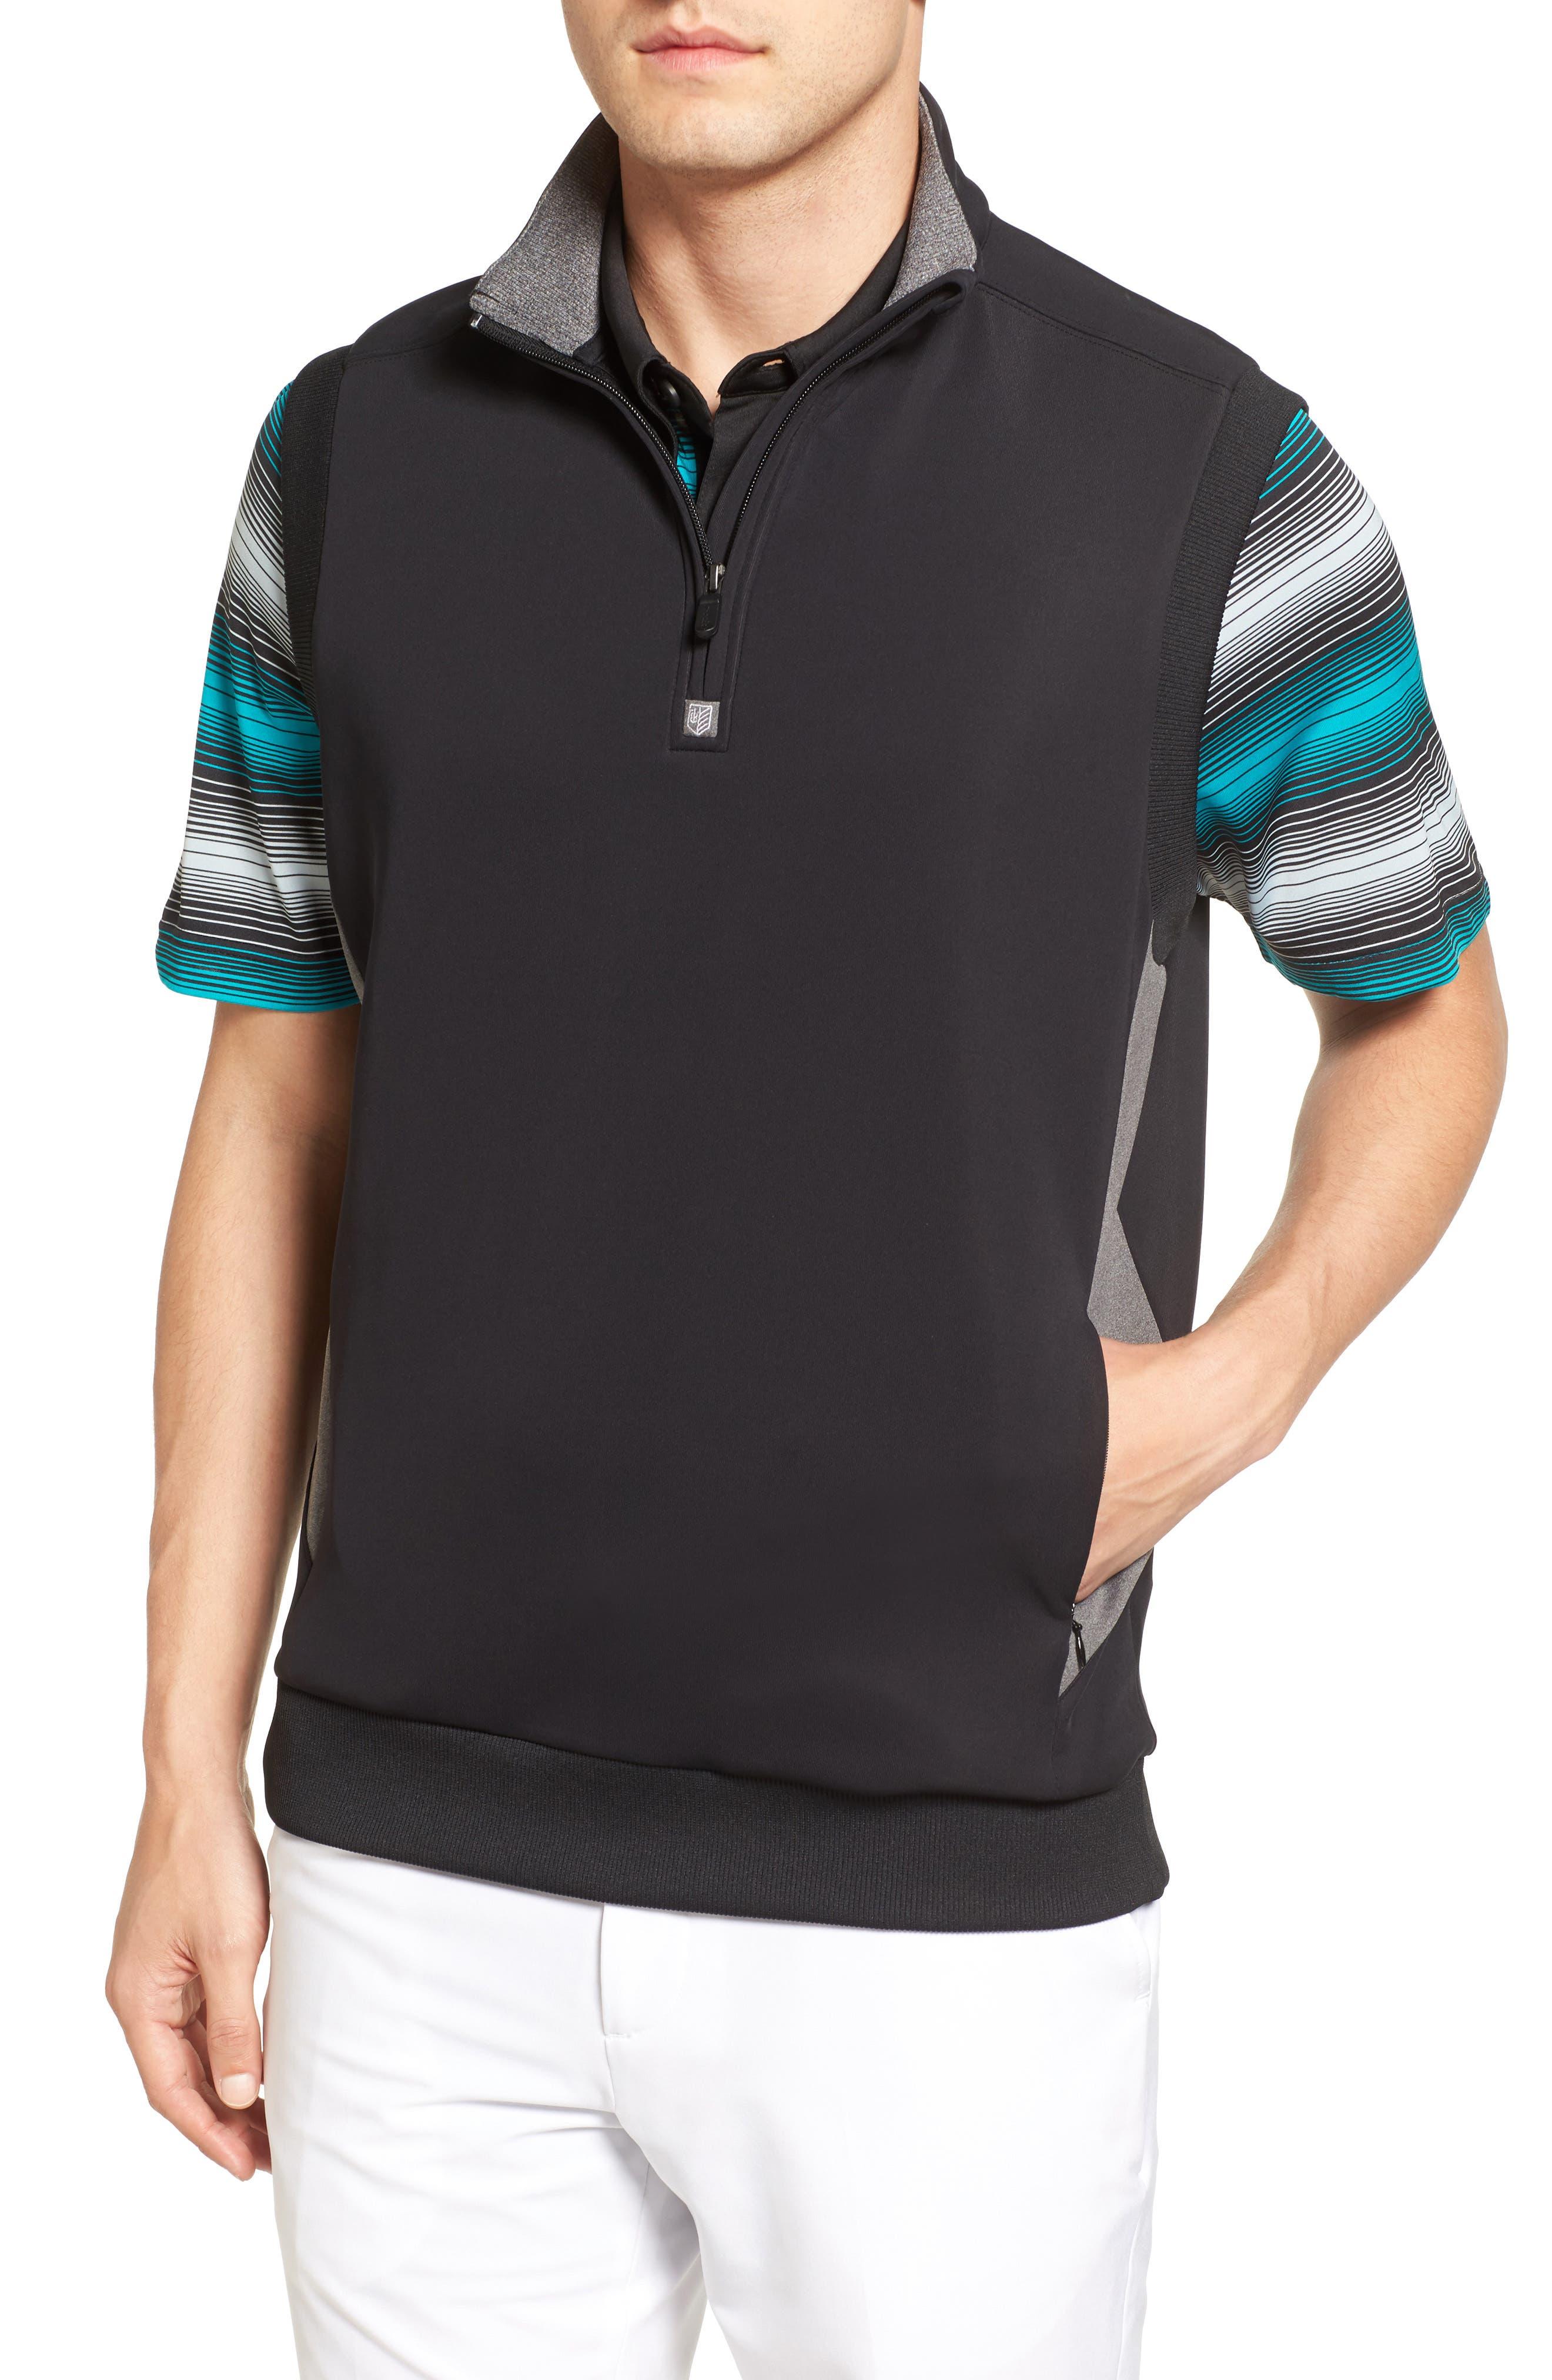 BOBBY JONES Rule 18 Tech Quarter Zip Vest